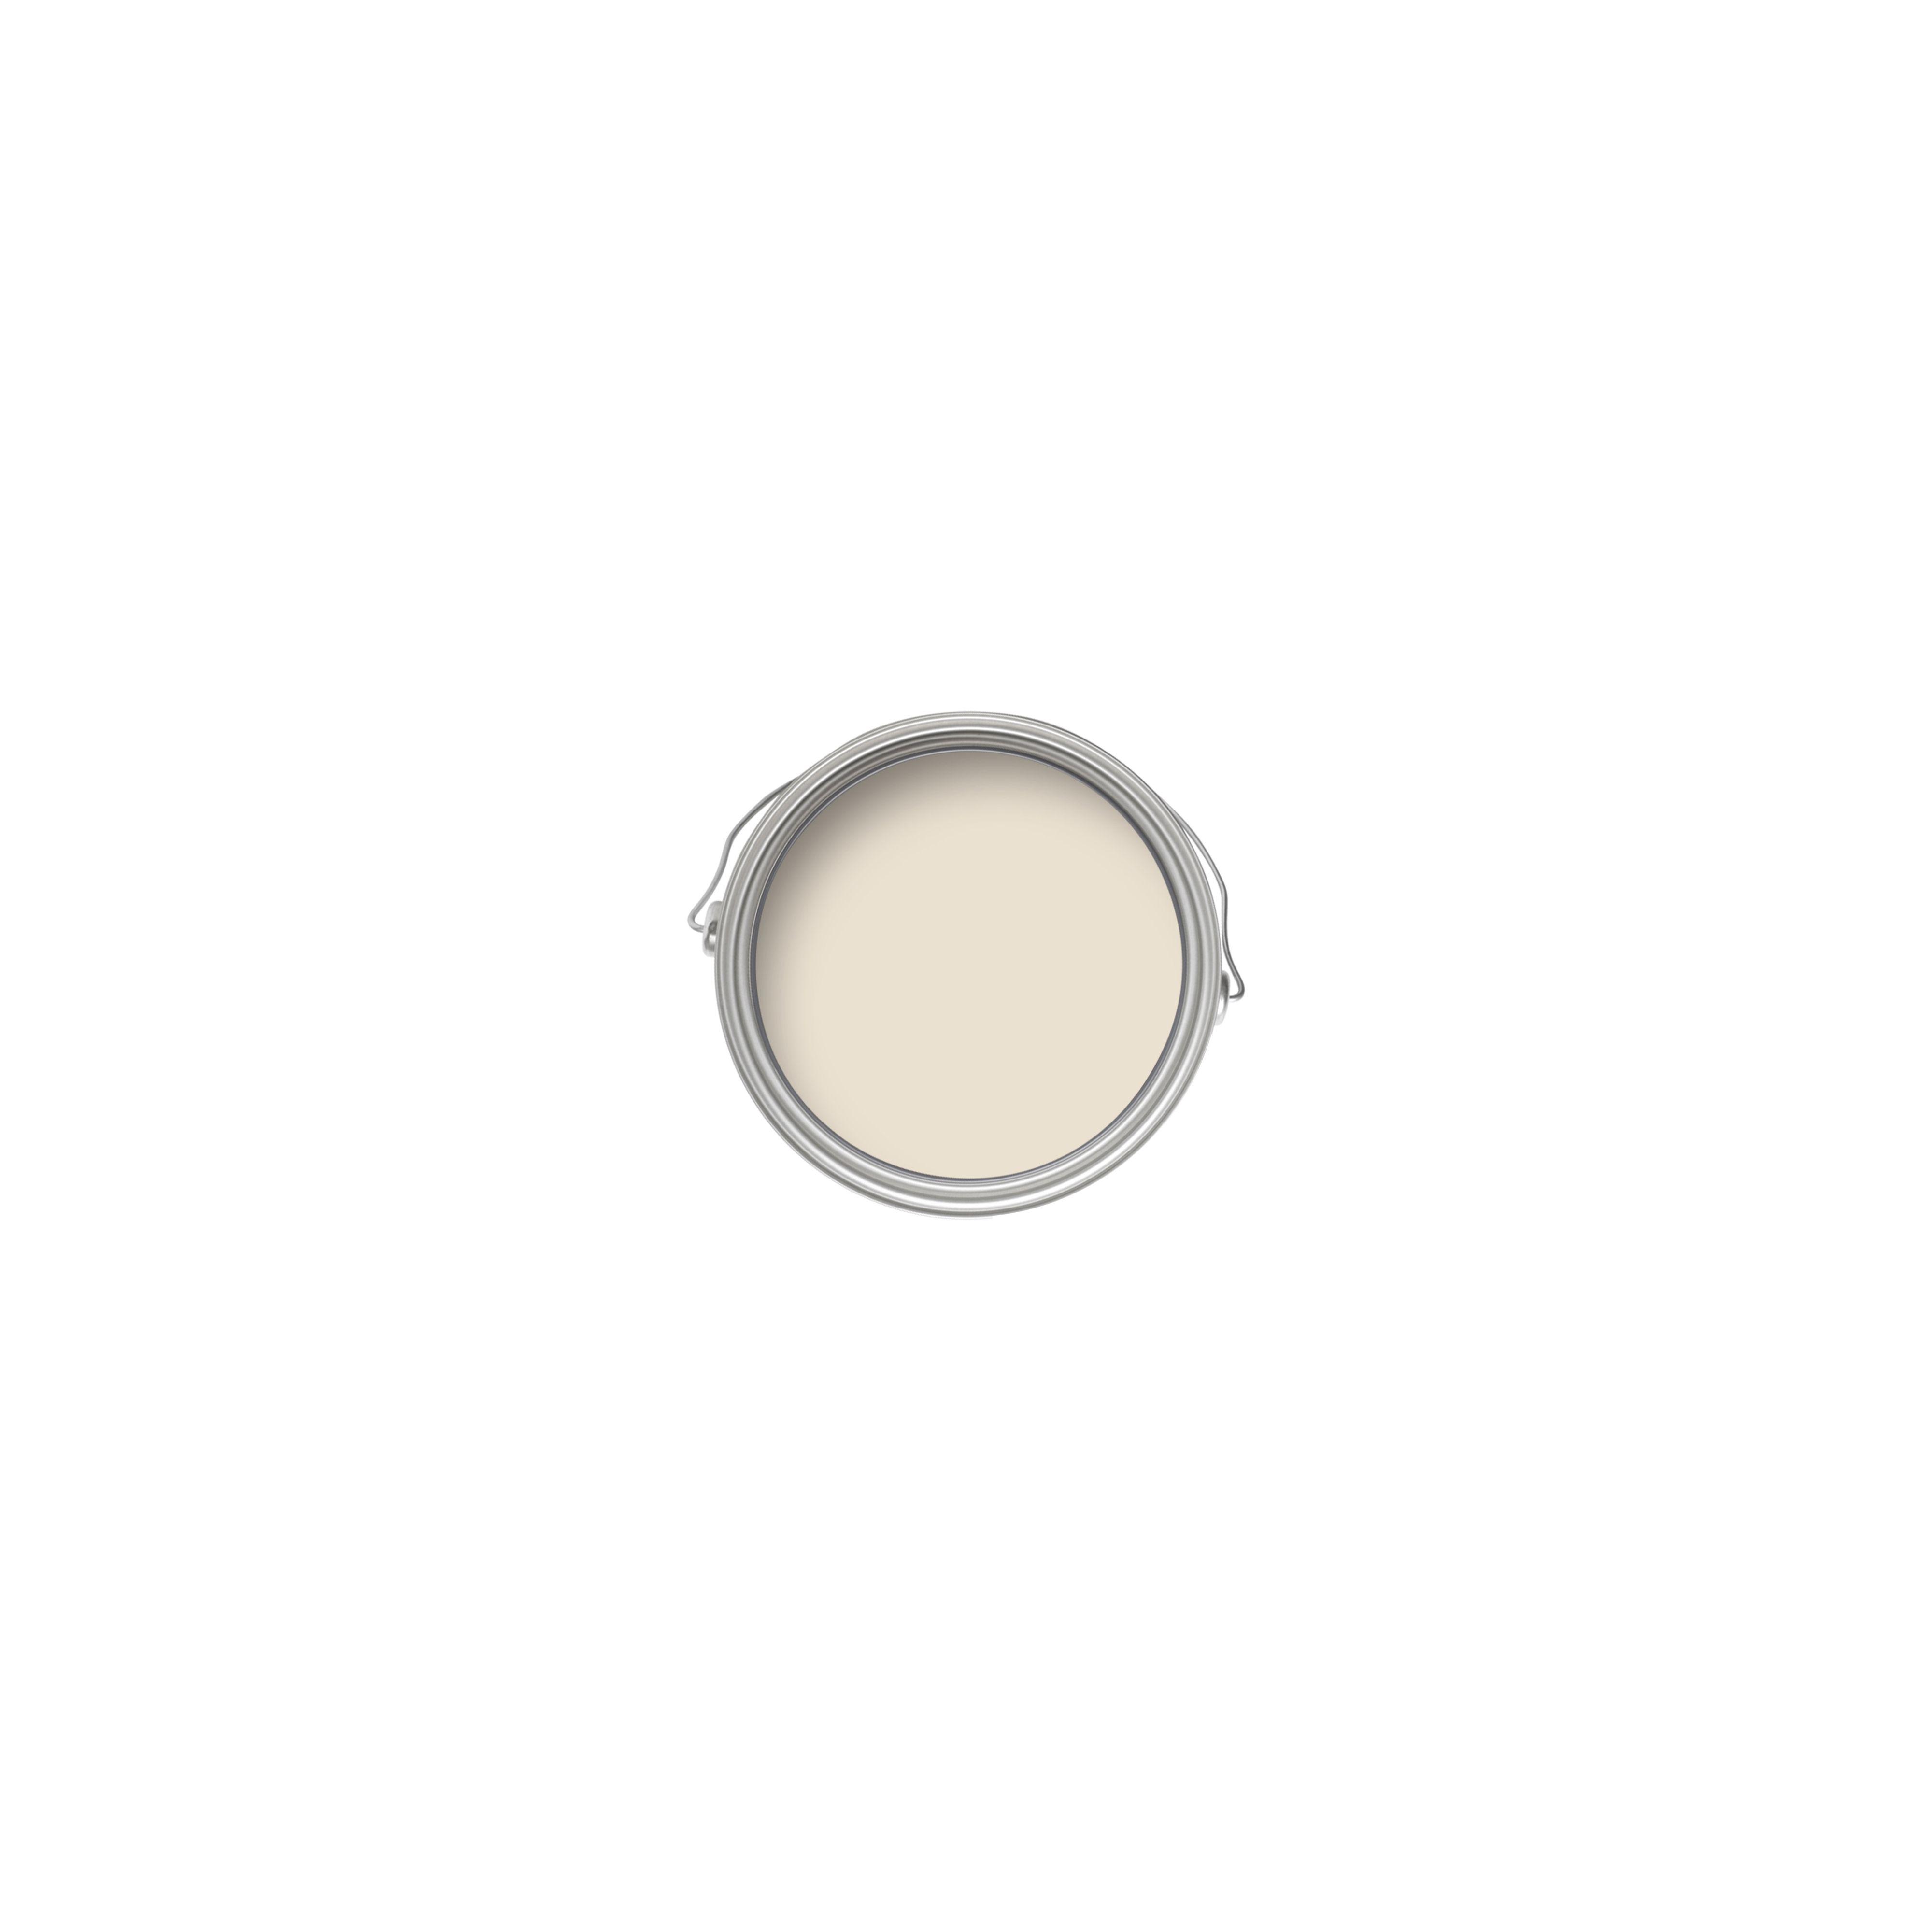 dulux kitchen plus natural calico - matt emulsion paint - 2.5l